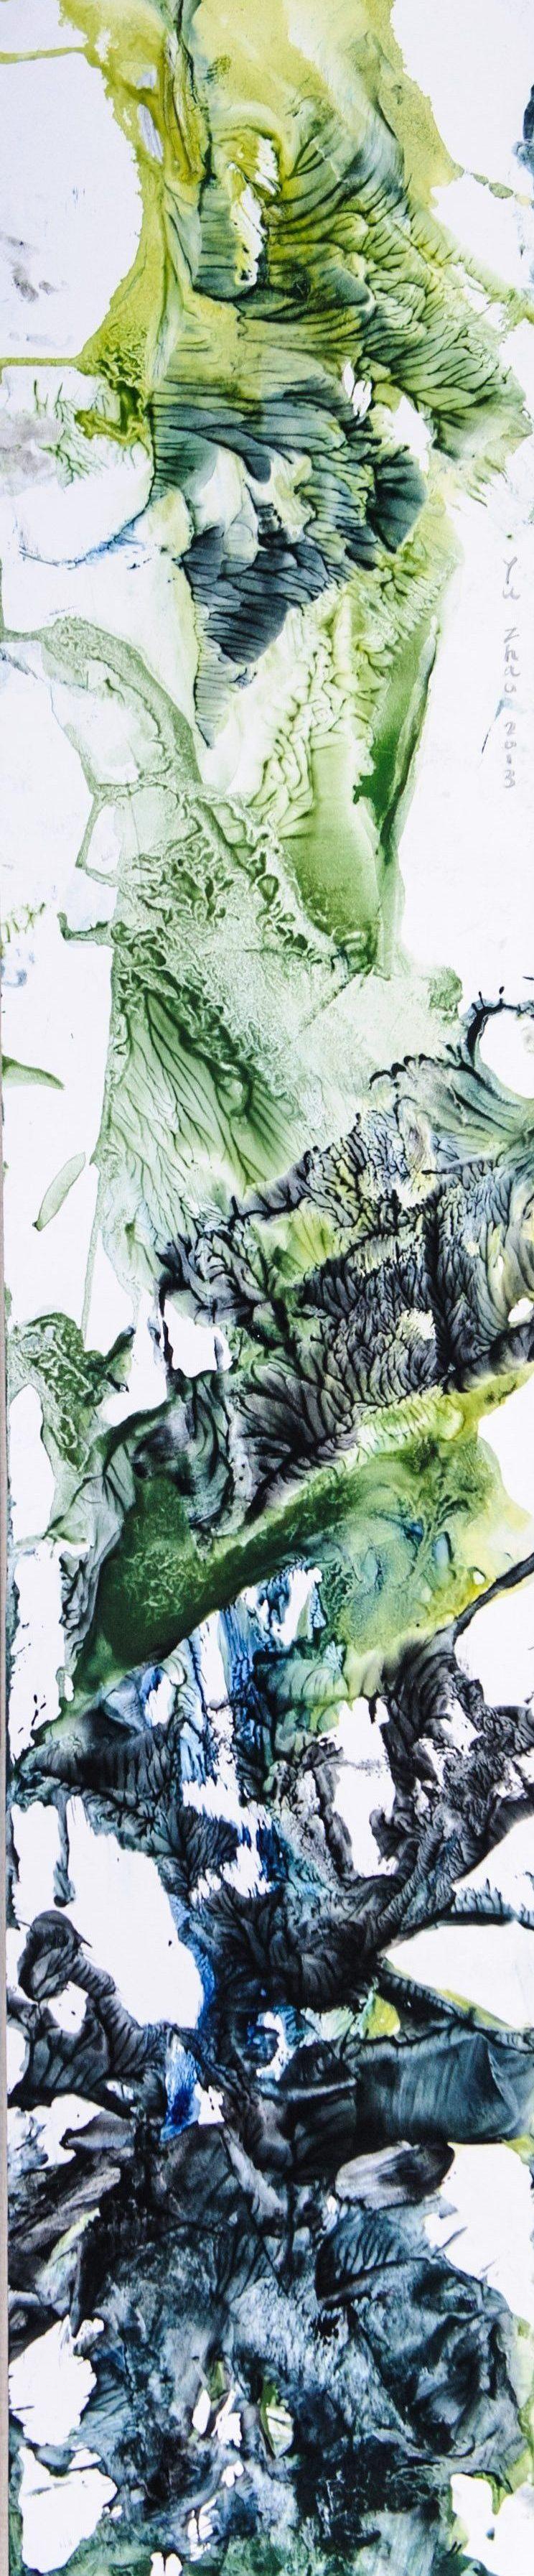 Plante tropicale, tempera/paper/canvas, 150x30cm, 2013, private collection, Yu Zhao